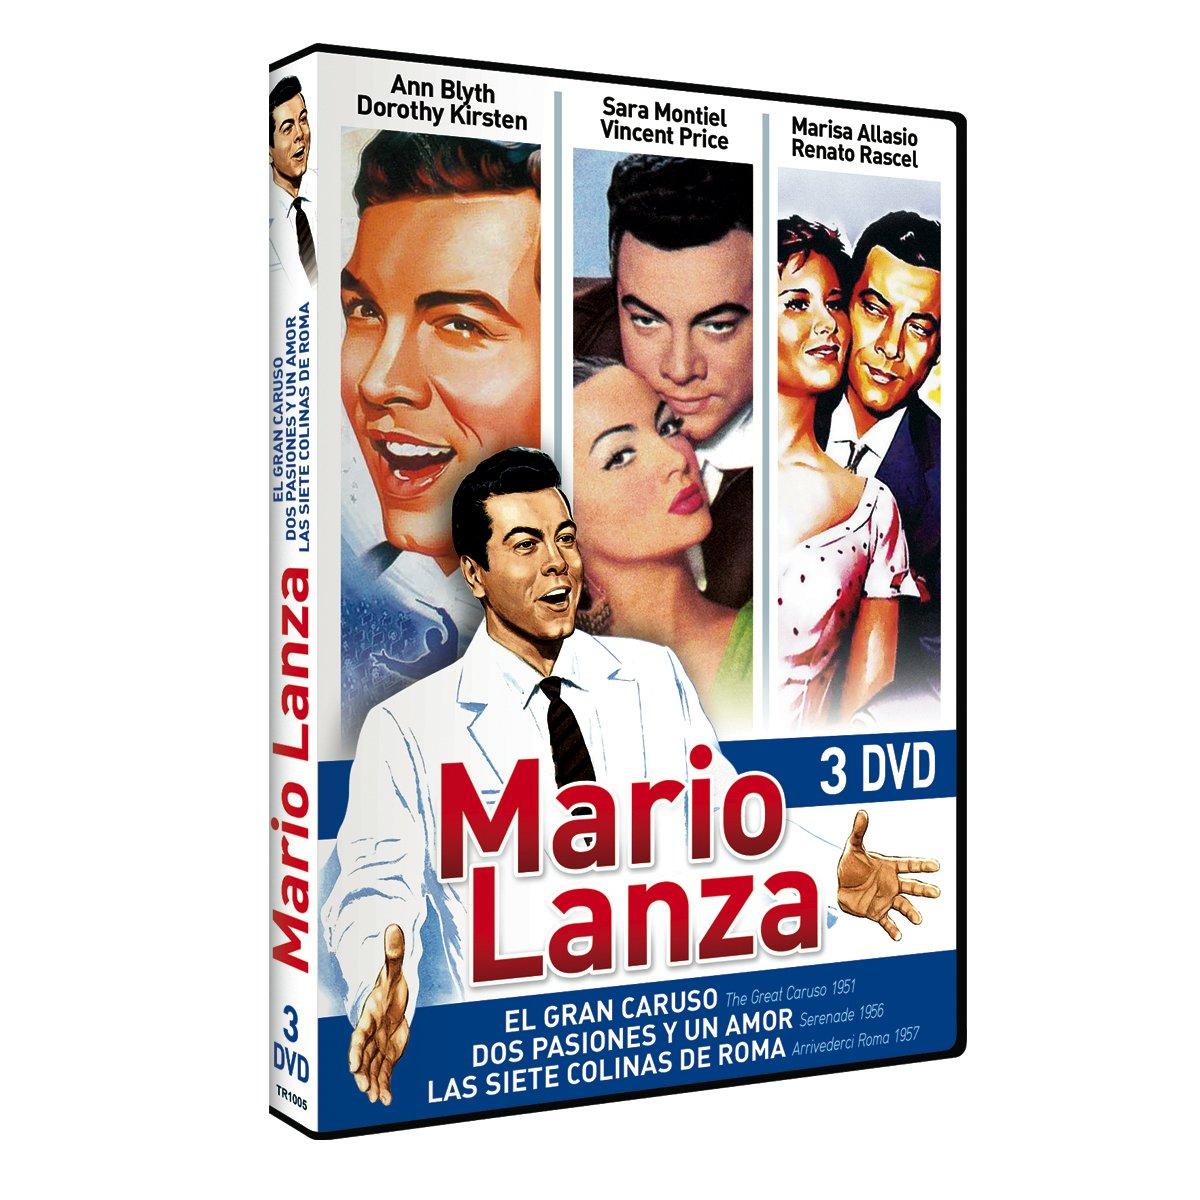 Pack: Mario Lanza (Un Gran Caruso + Dos Pasiones Y Un Amor + Las Siete Colinas De Roma) [DVD]